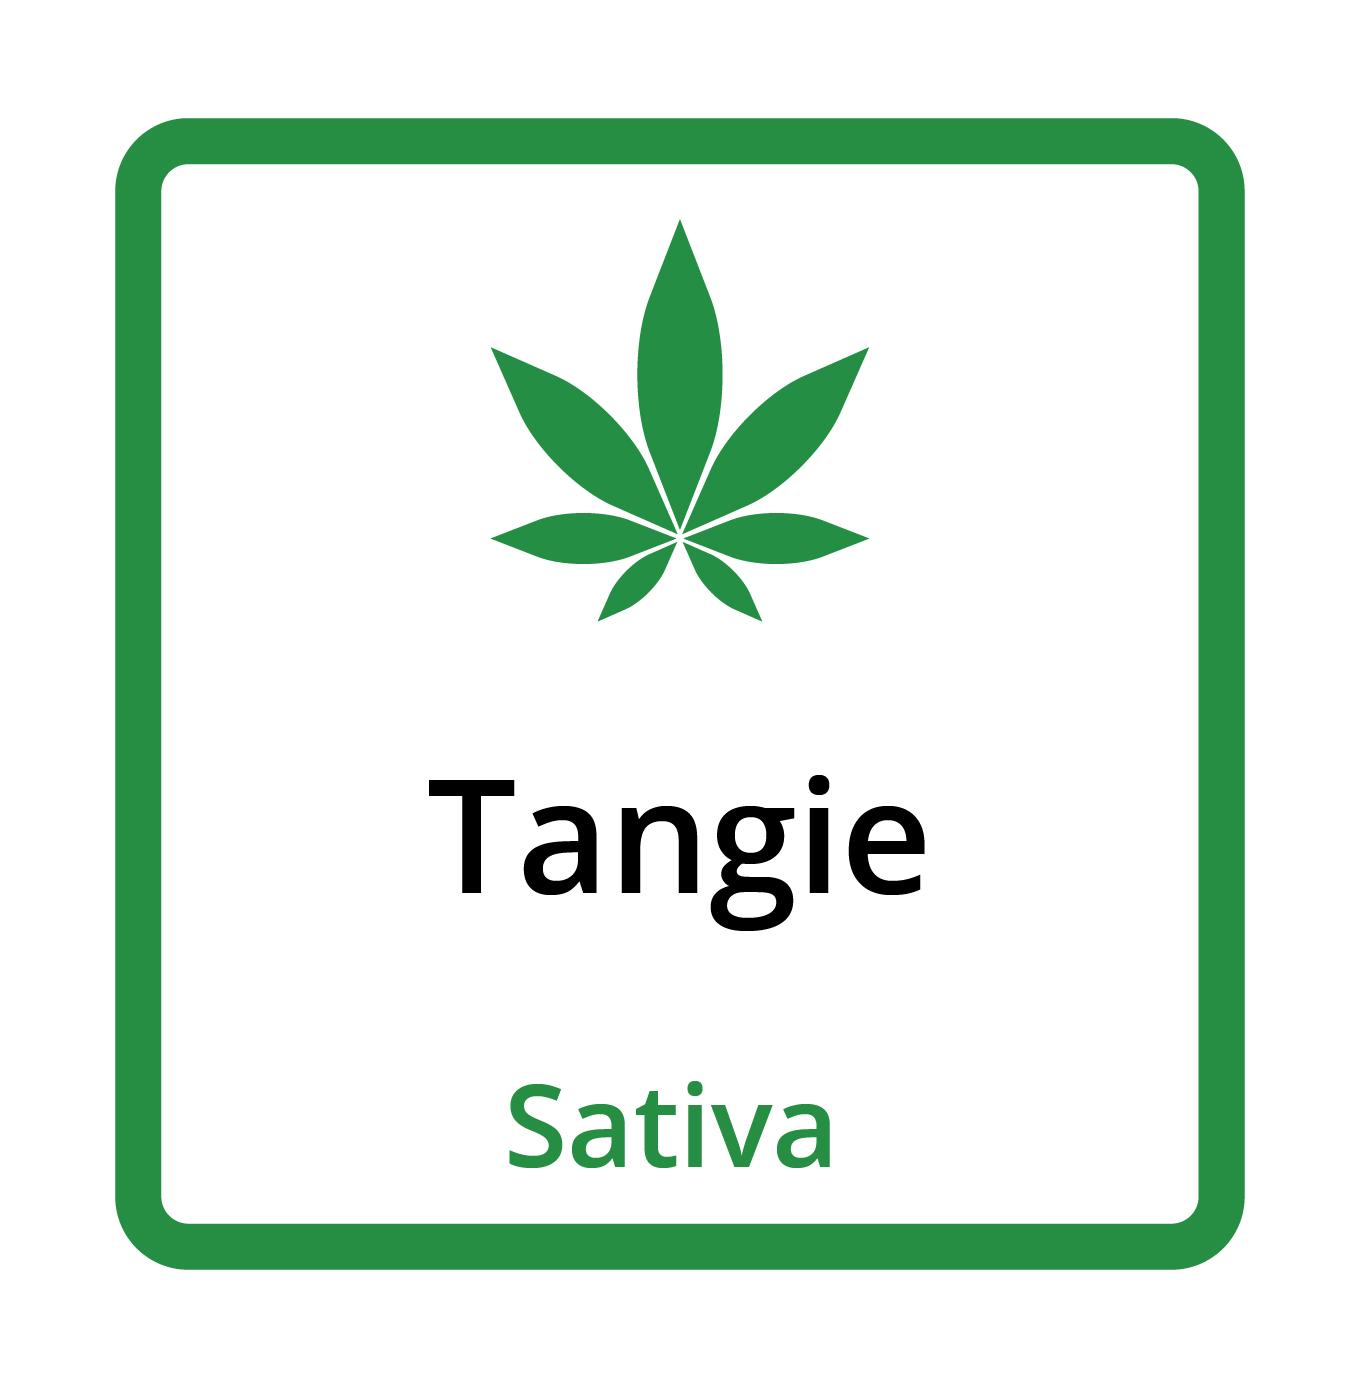 Tangie (Sativa)